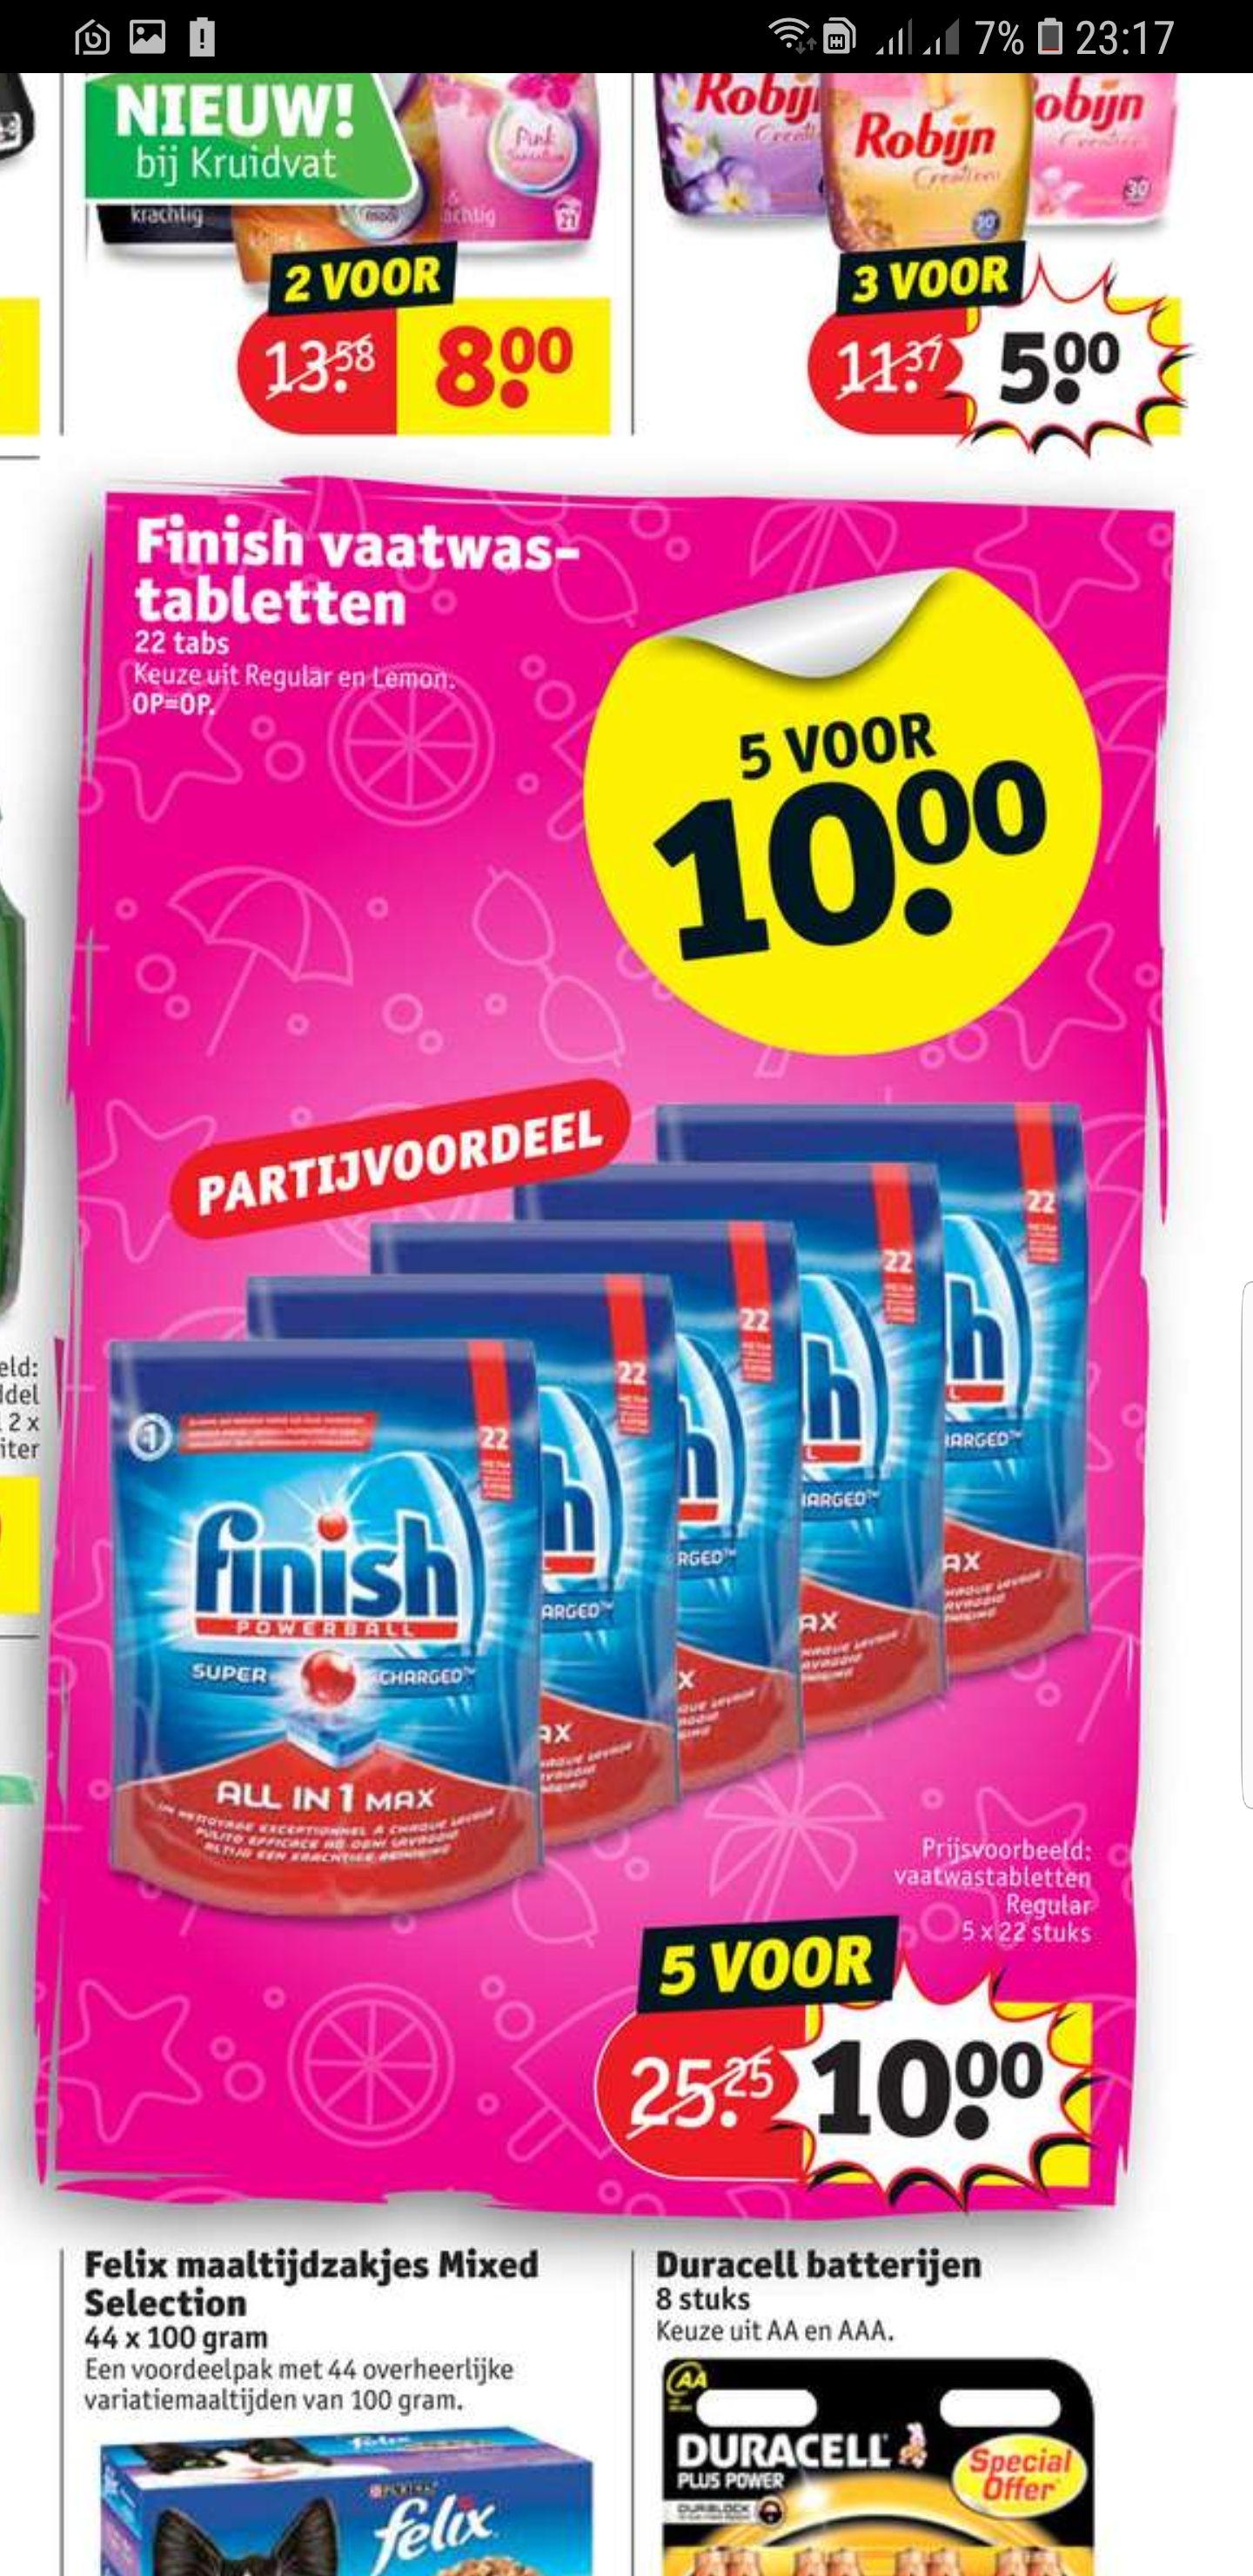 In de winkel bij Kruidvat 5x22= 110 Vaatwassertablete voor €10,- op=op keuze uit Regular of Lemon